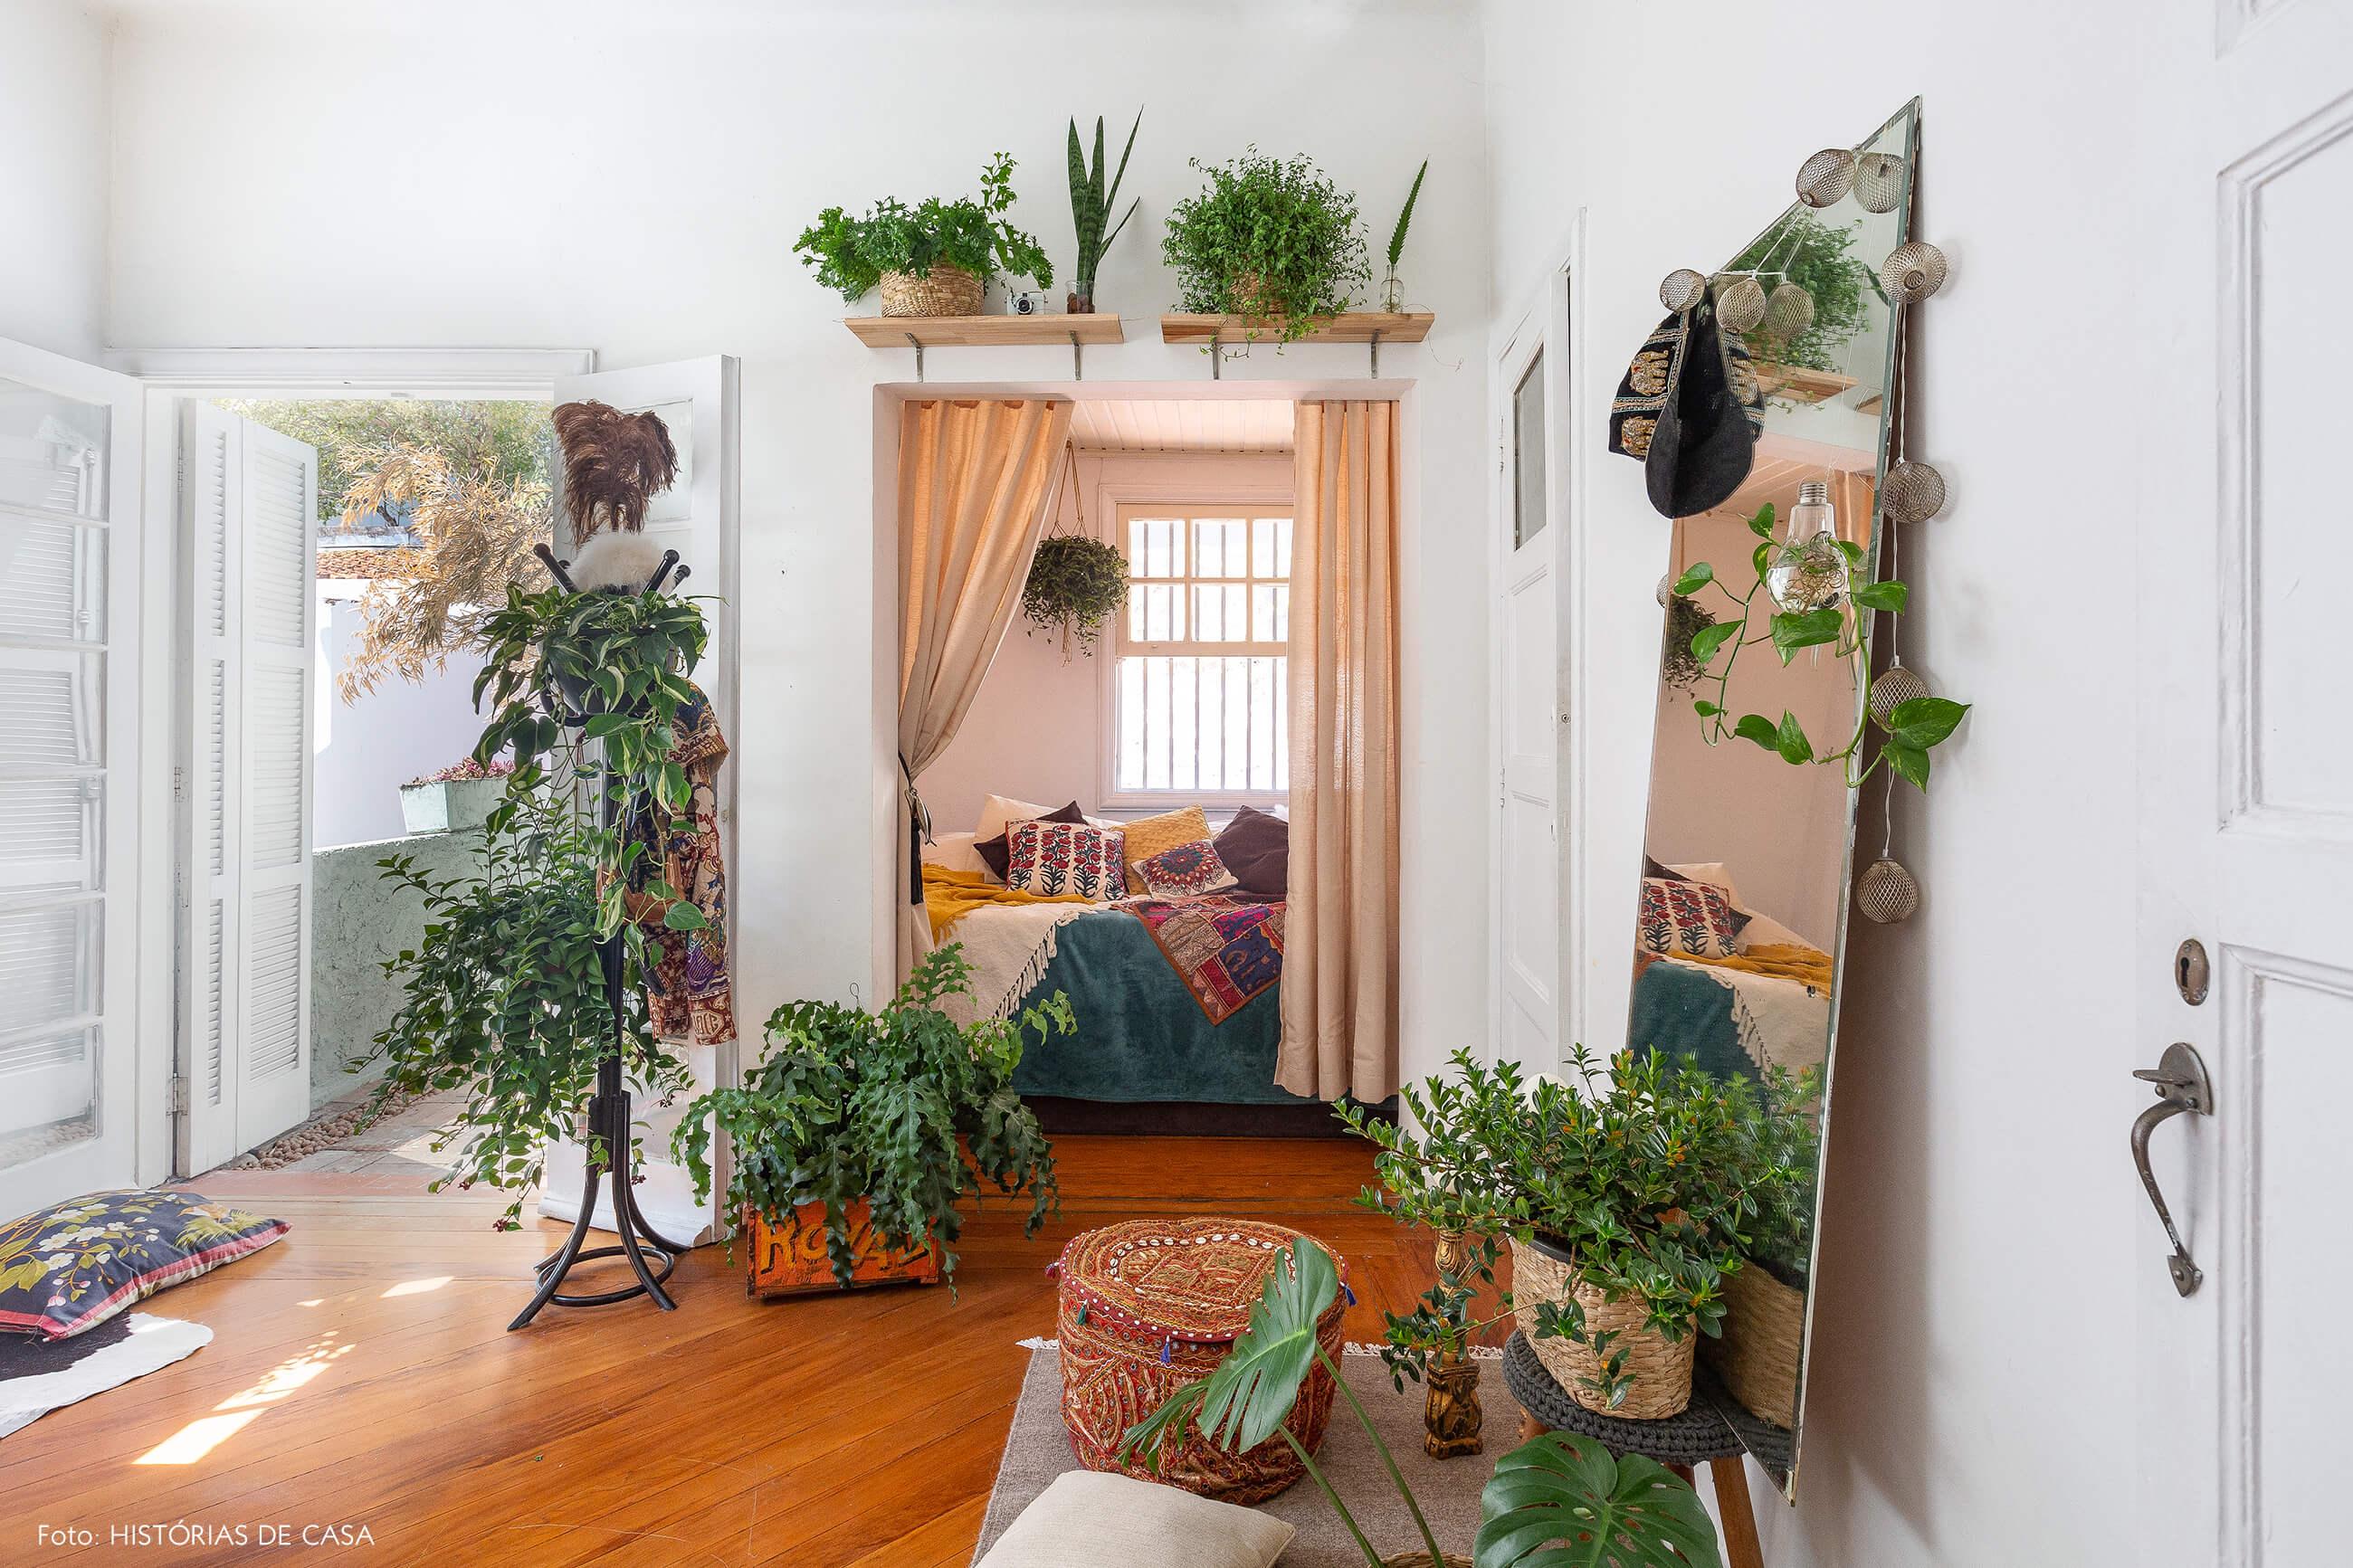 Quarto com tenda estilo étnica e muitas plantas